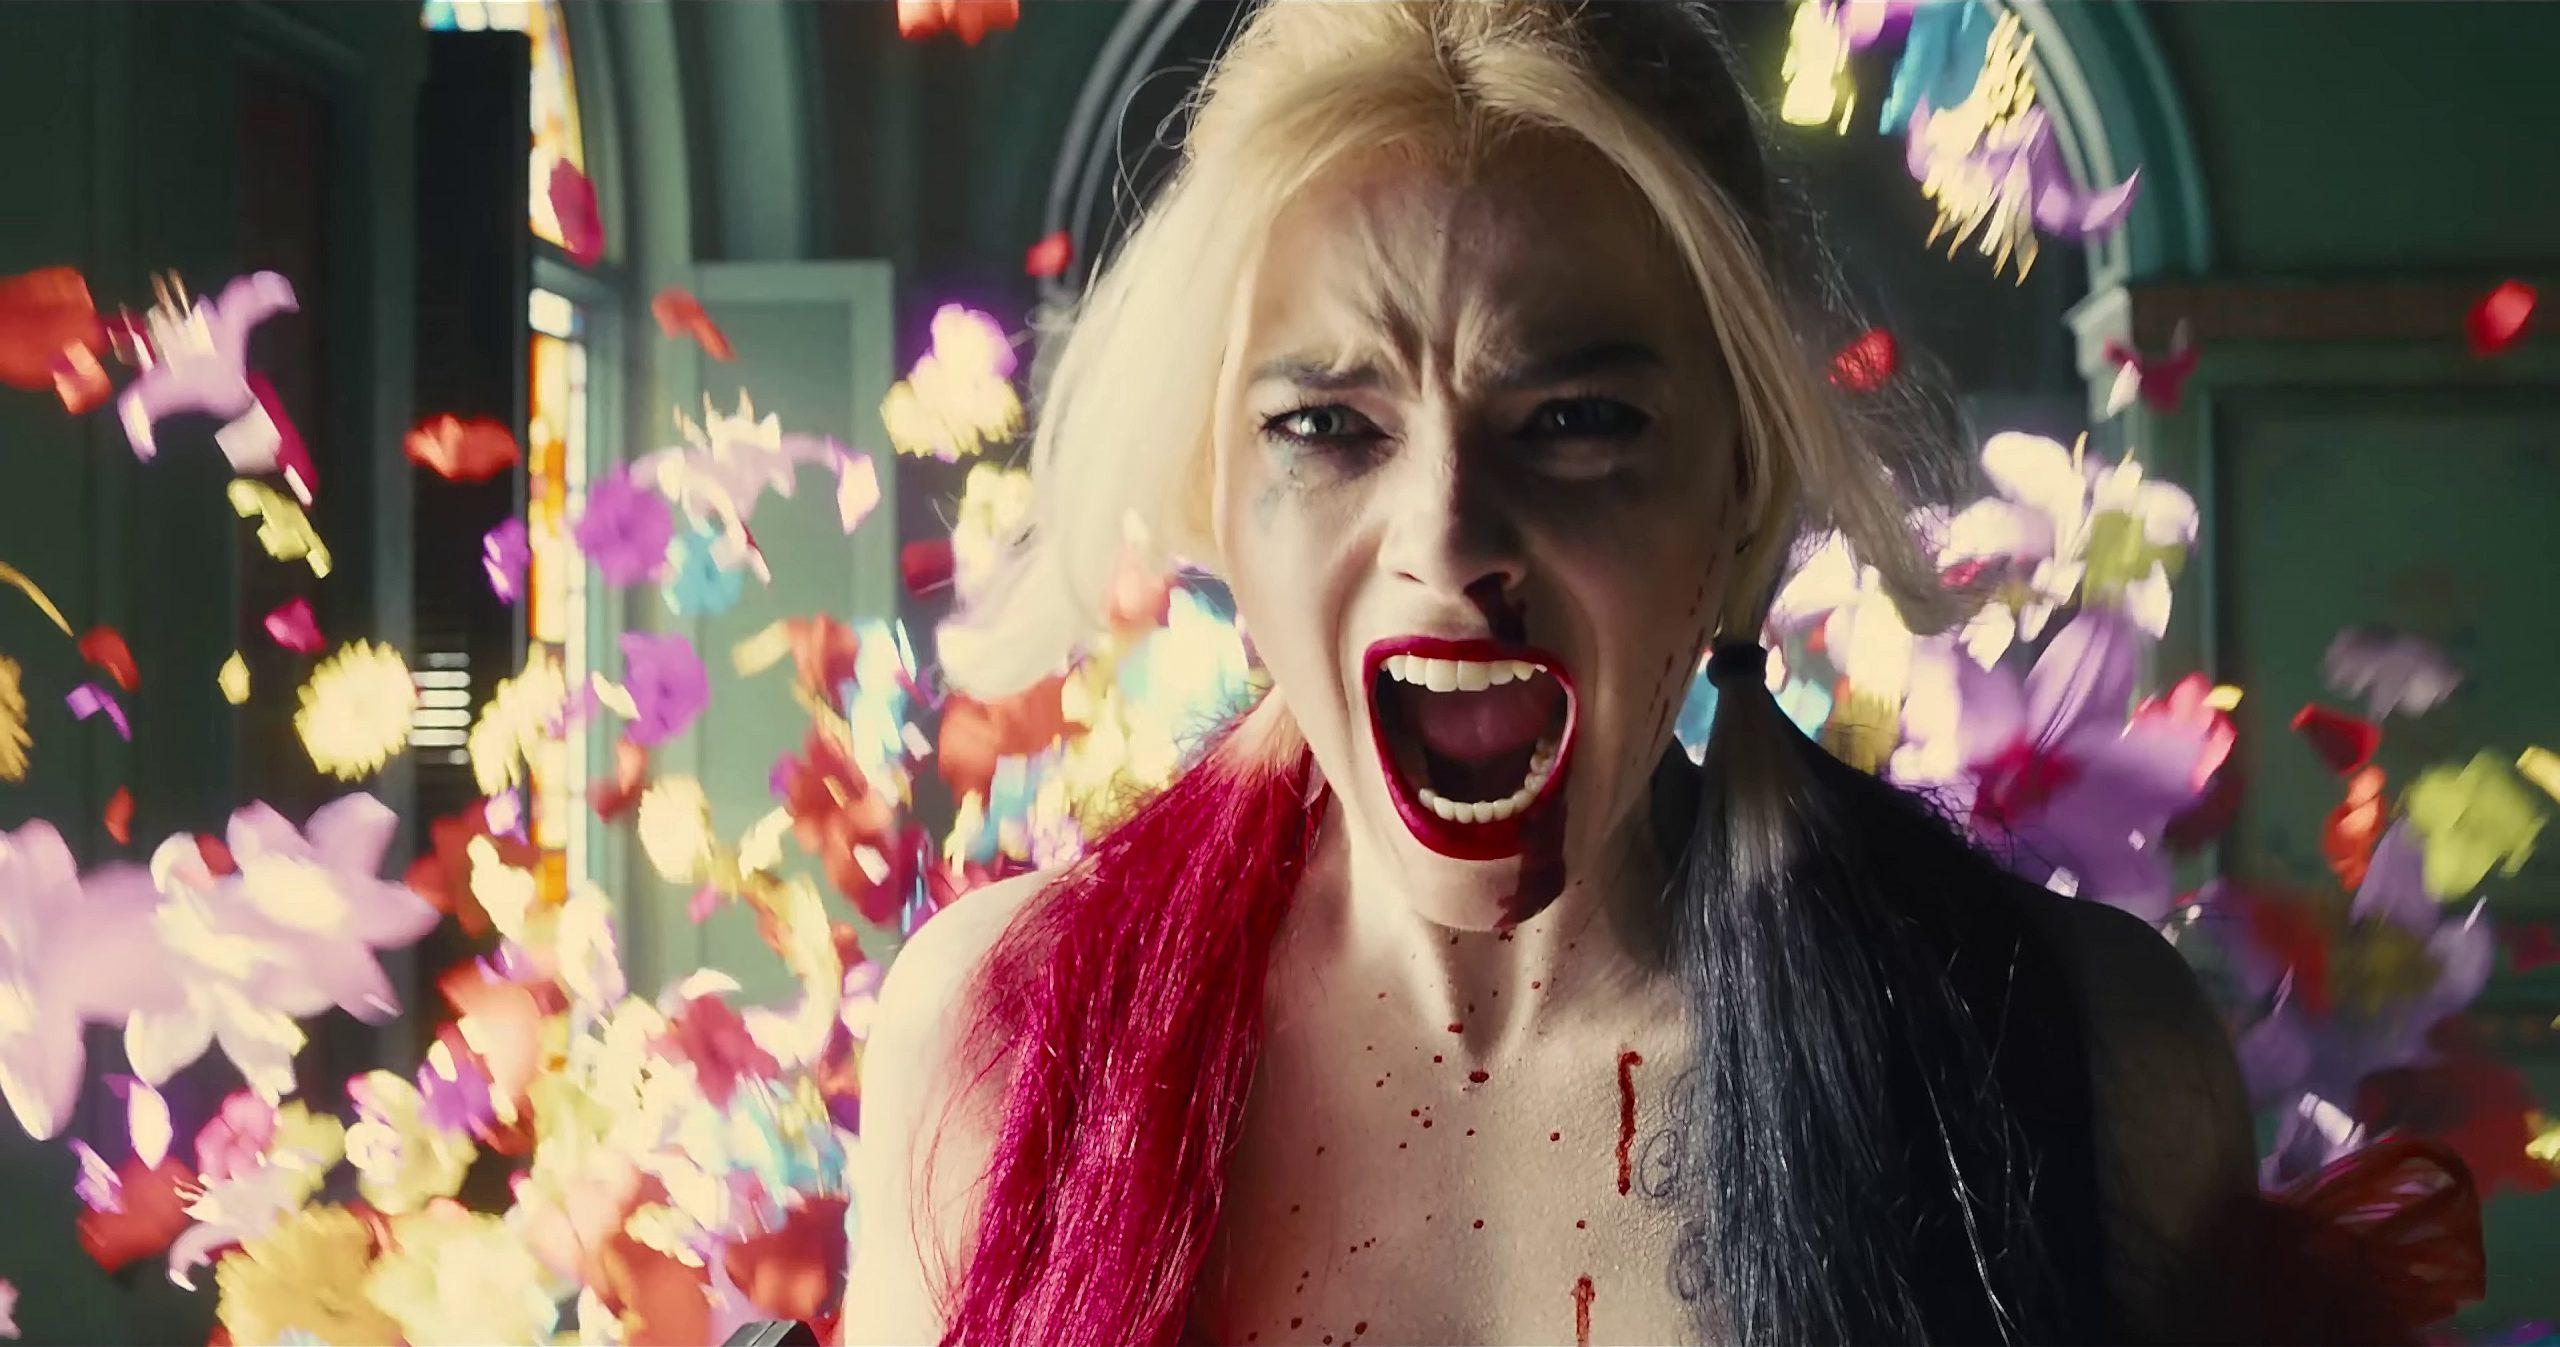 ¡No tan rápido! The Suicide Squad tiene dos escenas post-créditos y aquí te las explicamos